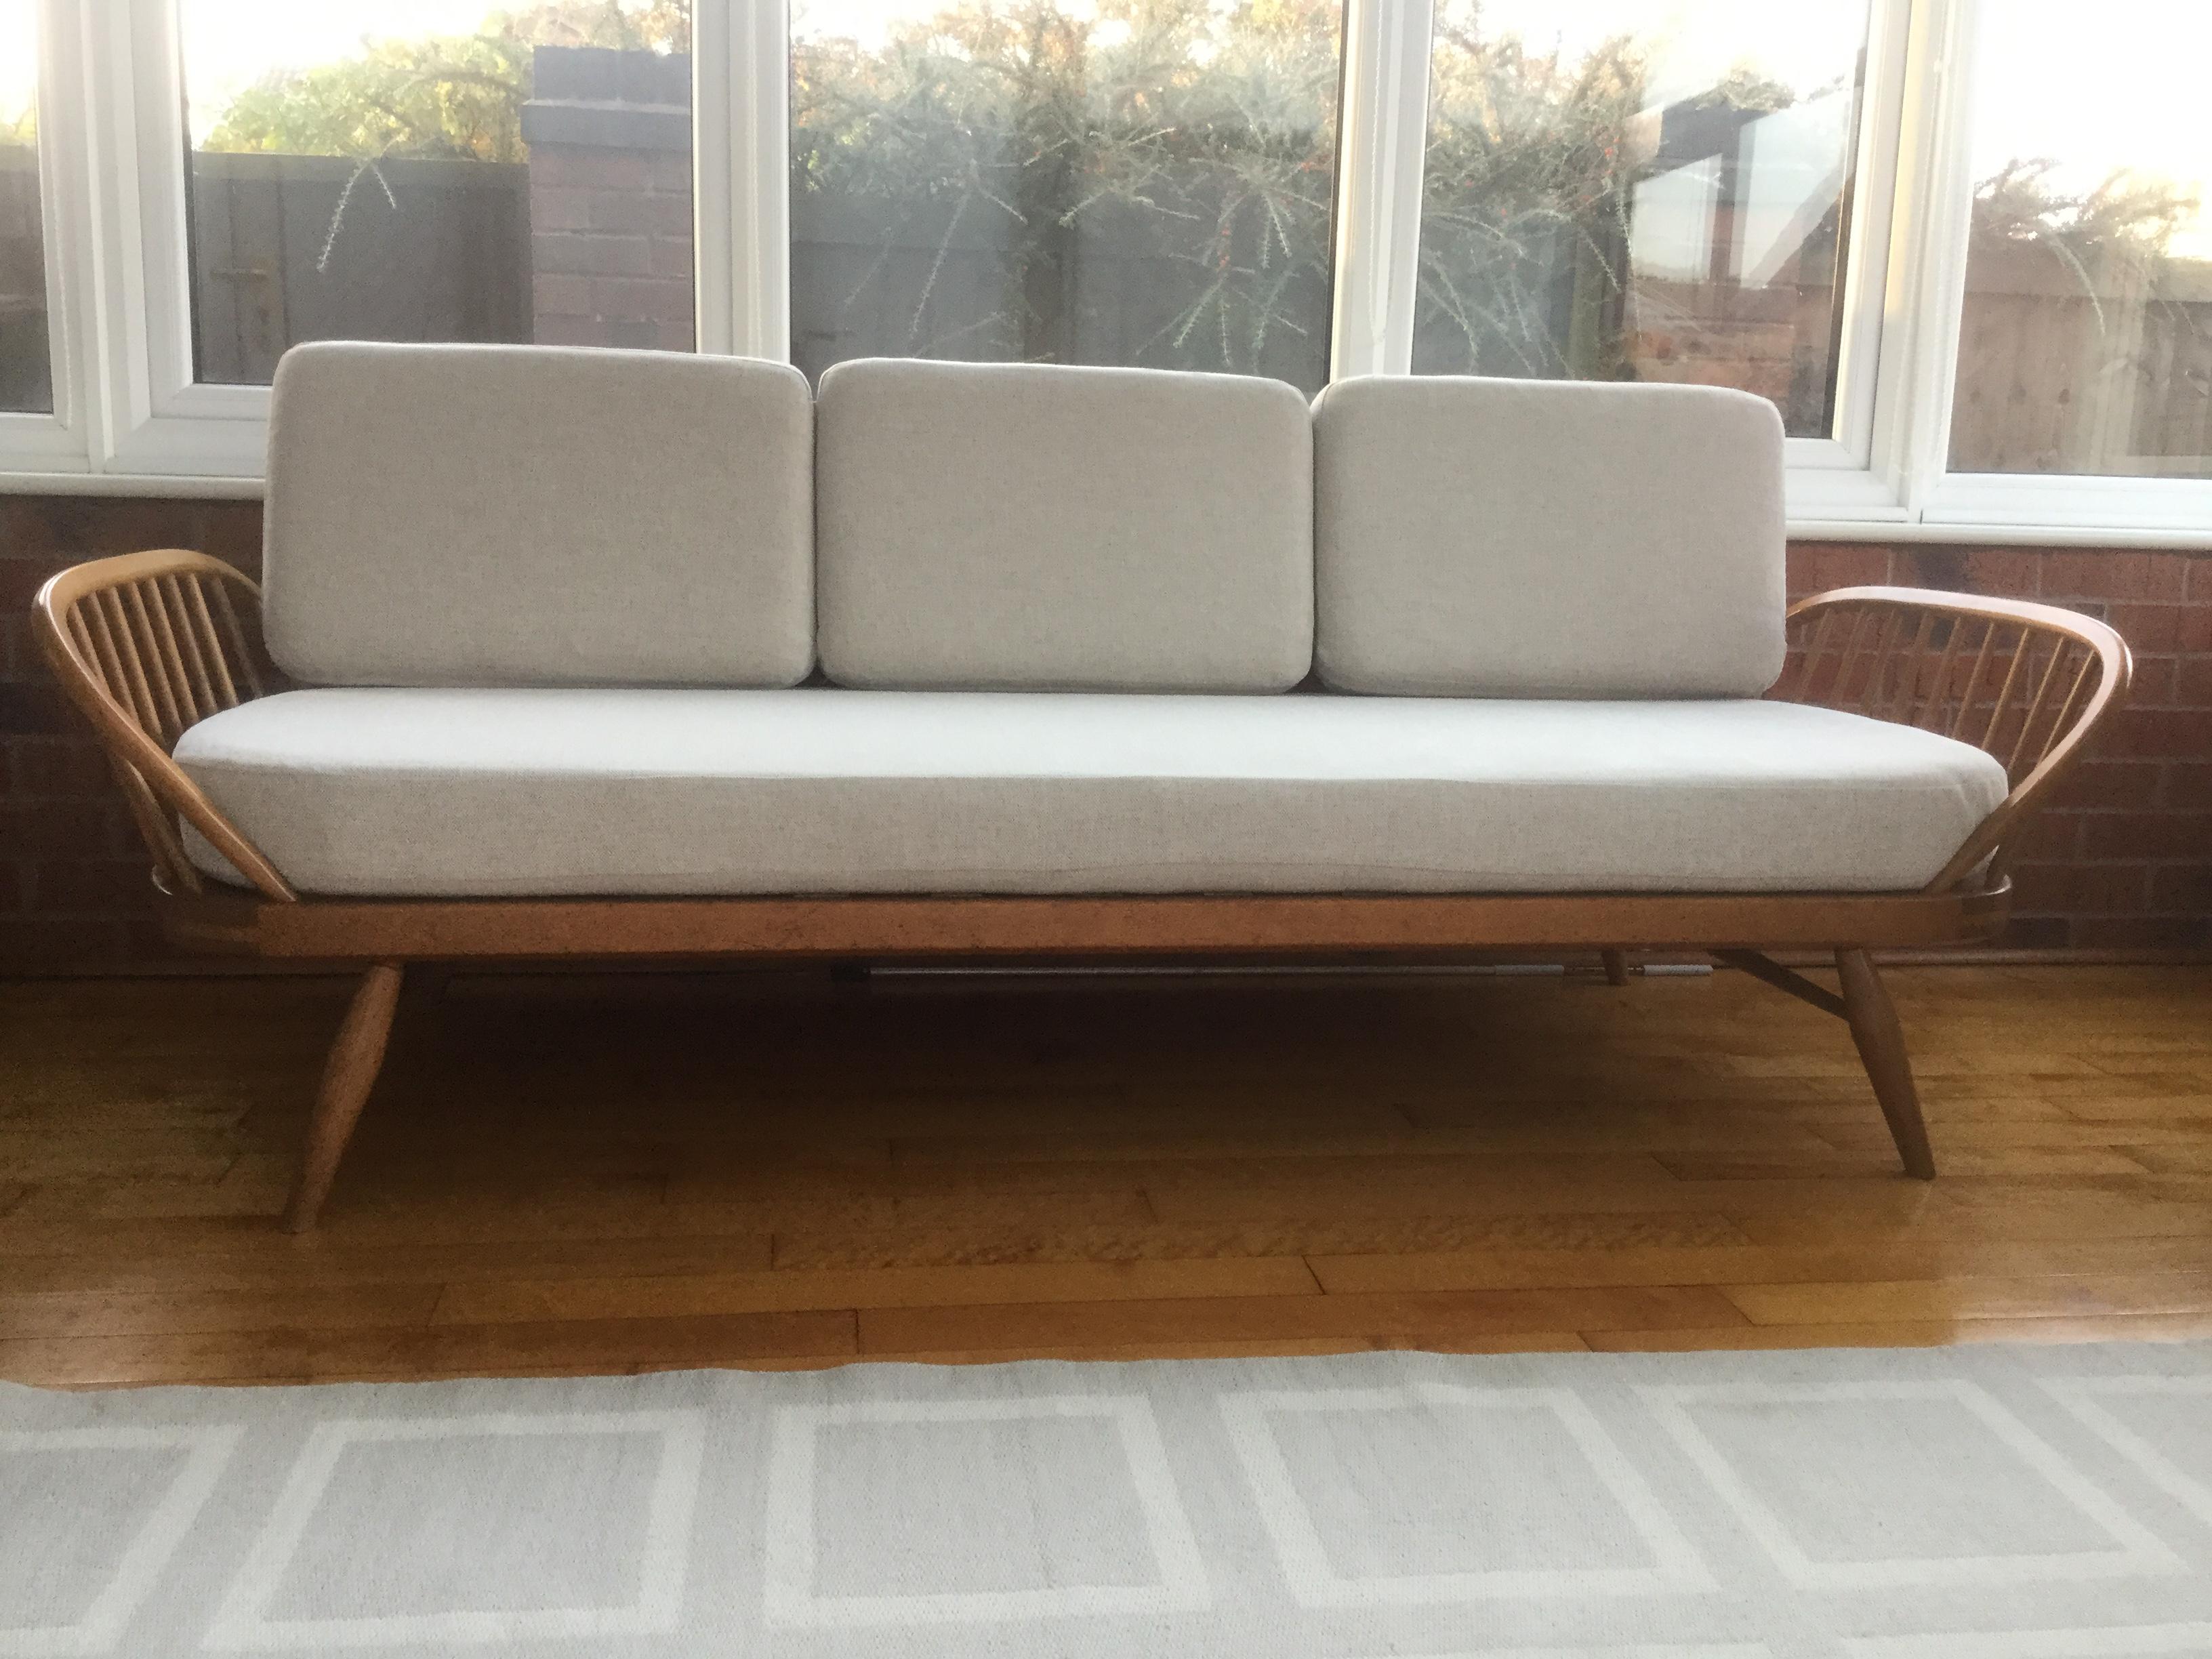 Ercol Sofa Bed